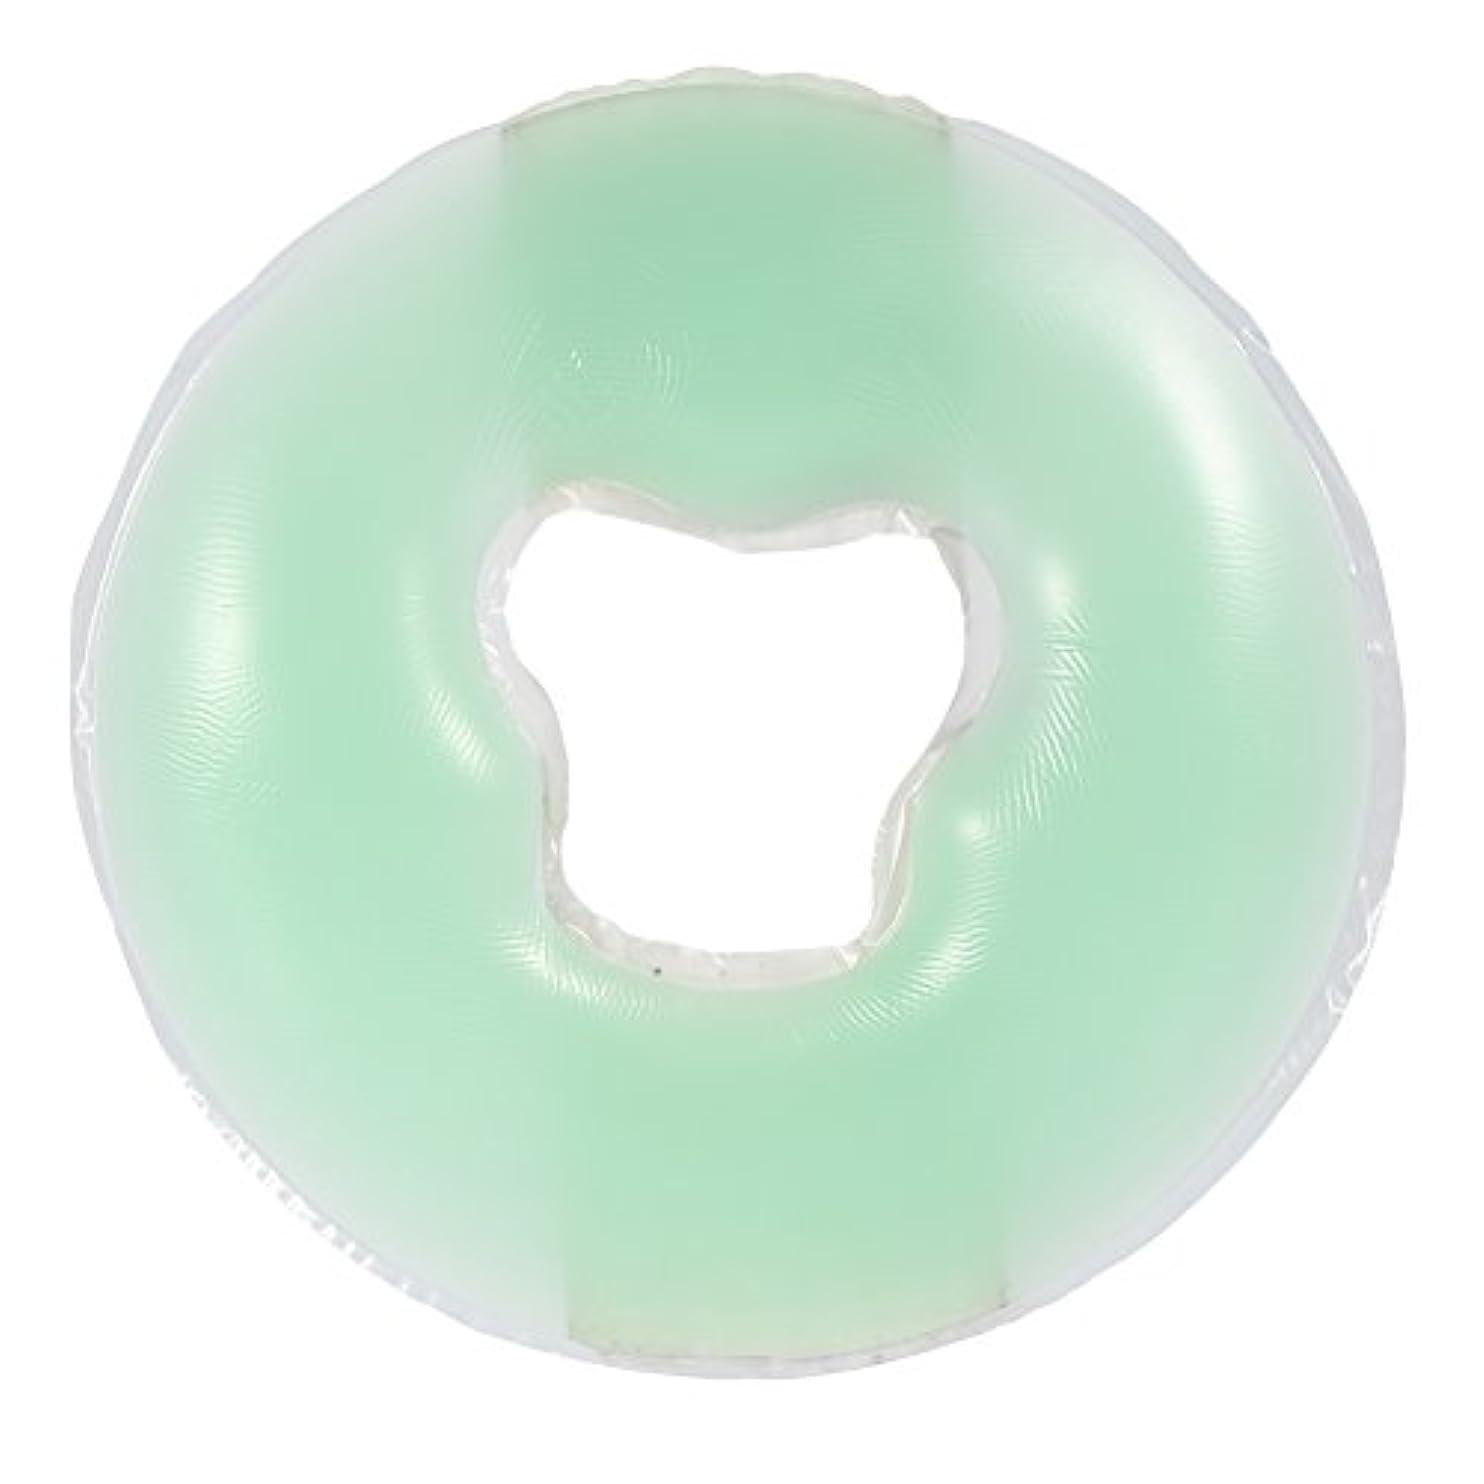 お客様反発粉砕する4色シリコンピローマッサージ美容スキンケアソフトオーバーレイフェイスリラックスクレードルクッションパッド(浅绿色)